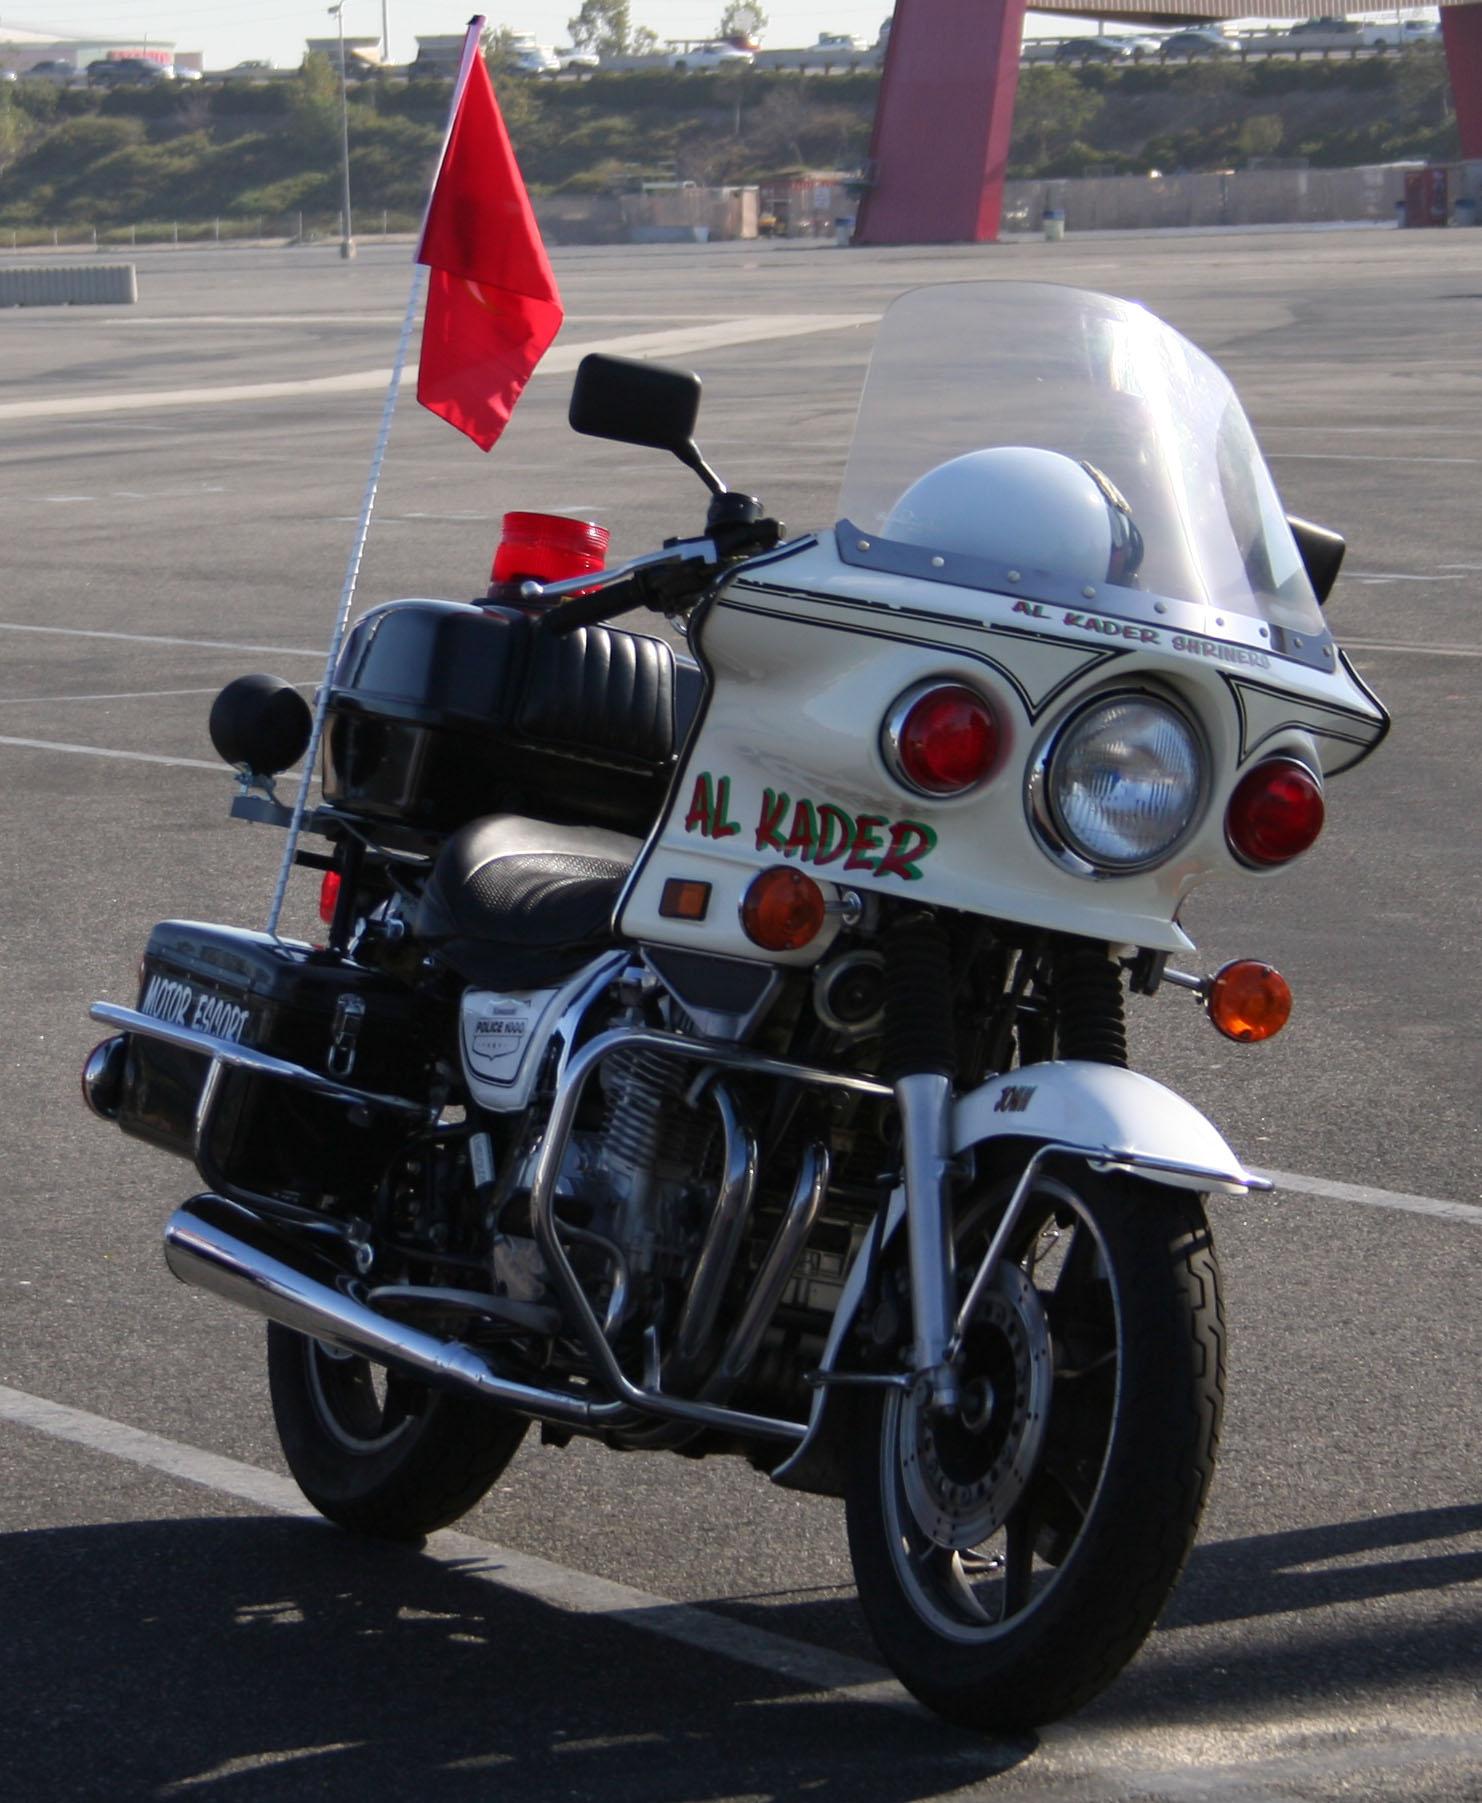 Al Kader Motor Escort Unit